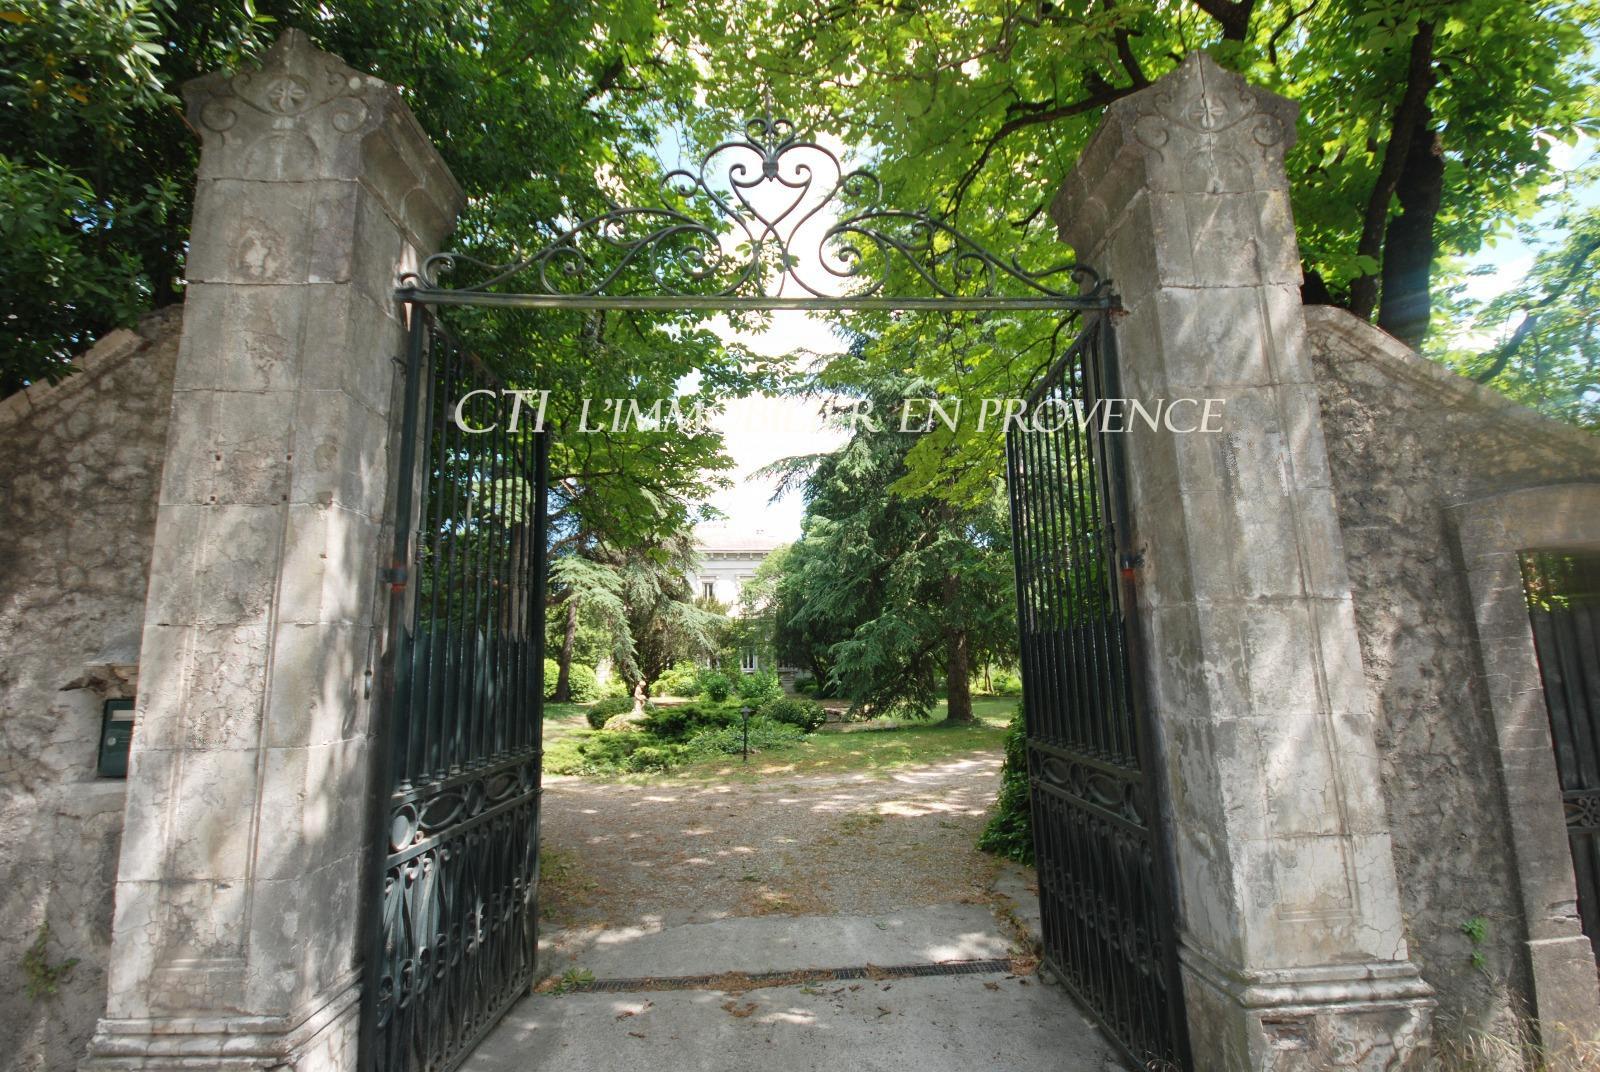 A vendre, aux portes de l'Ardèche,demeure bourgeoise dans un magnifique parc. Coup de coeur